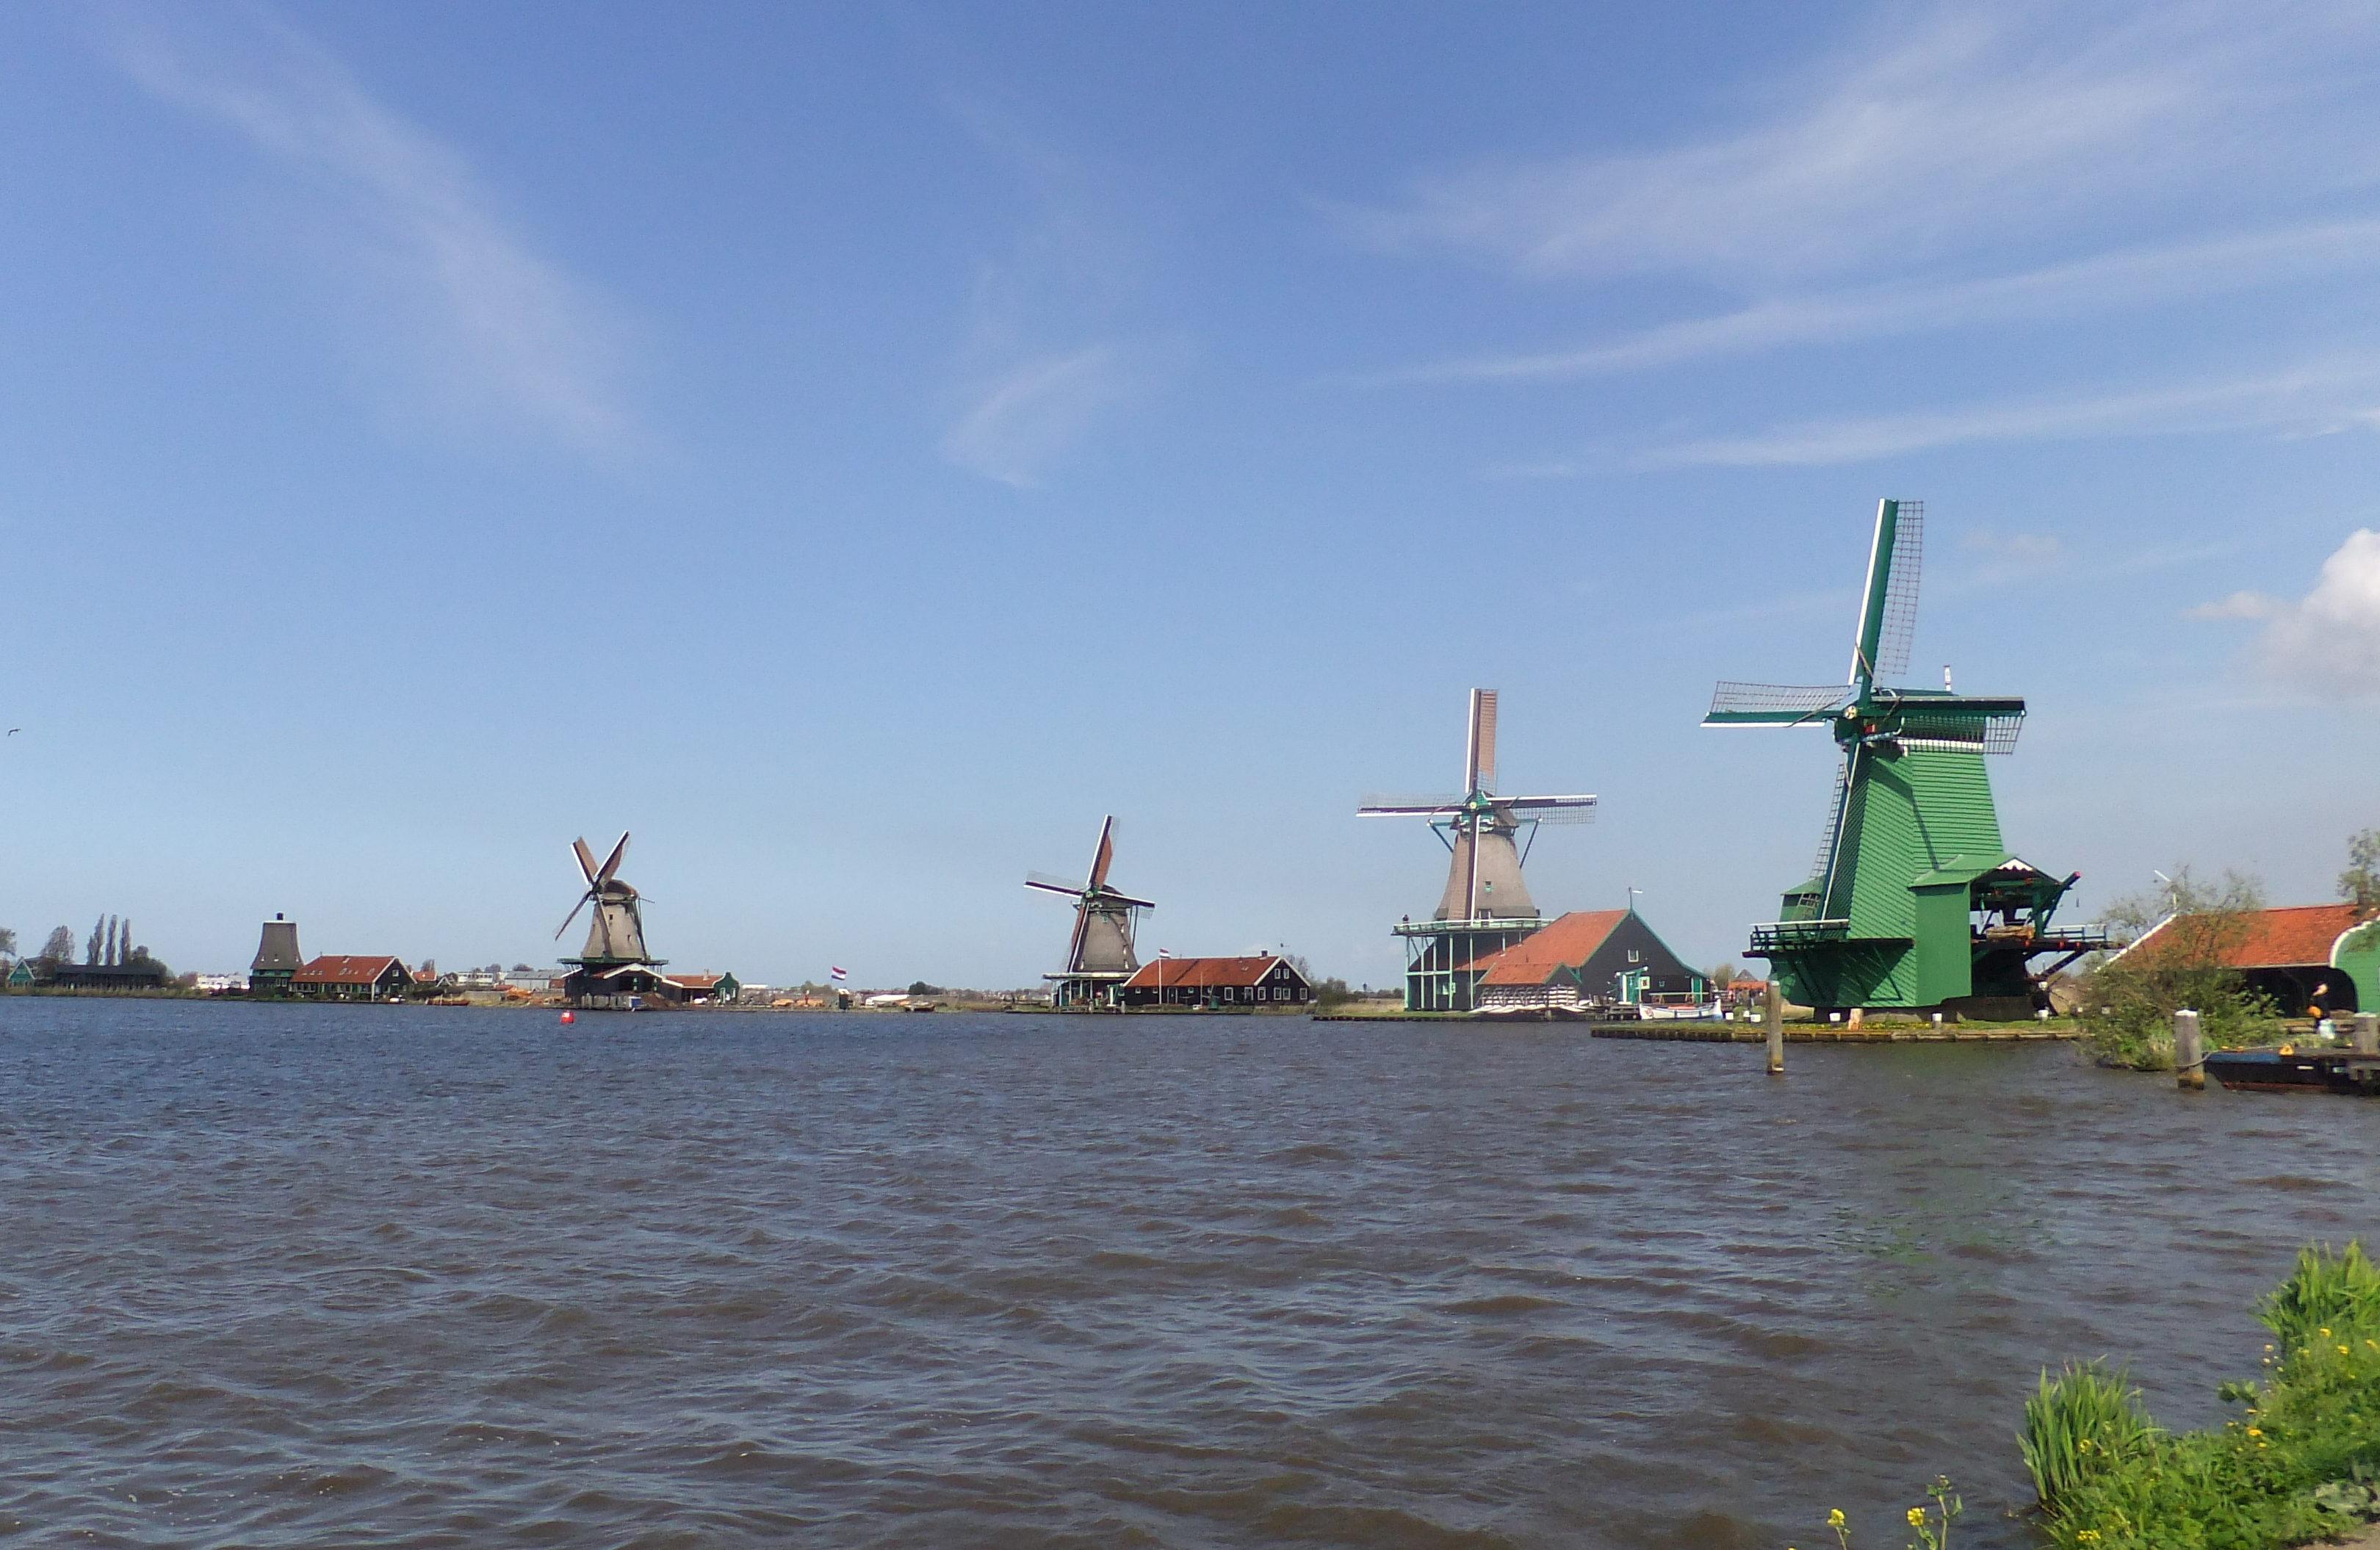 オランダという国の基本情報